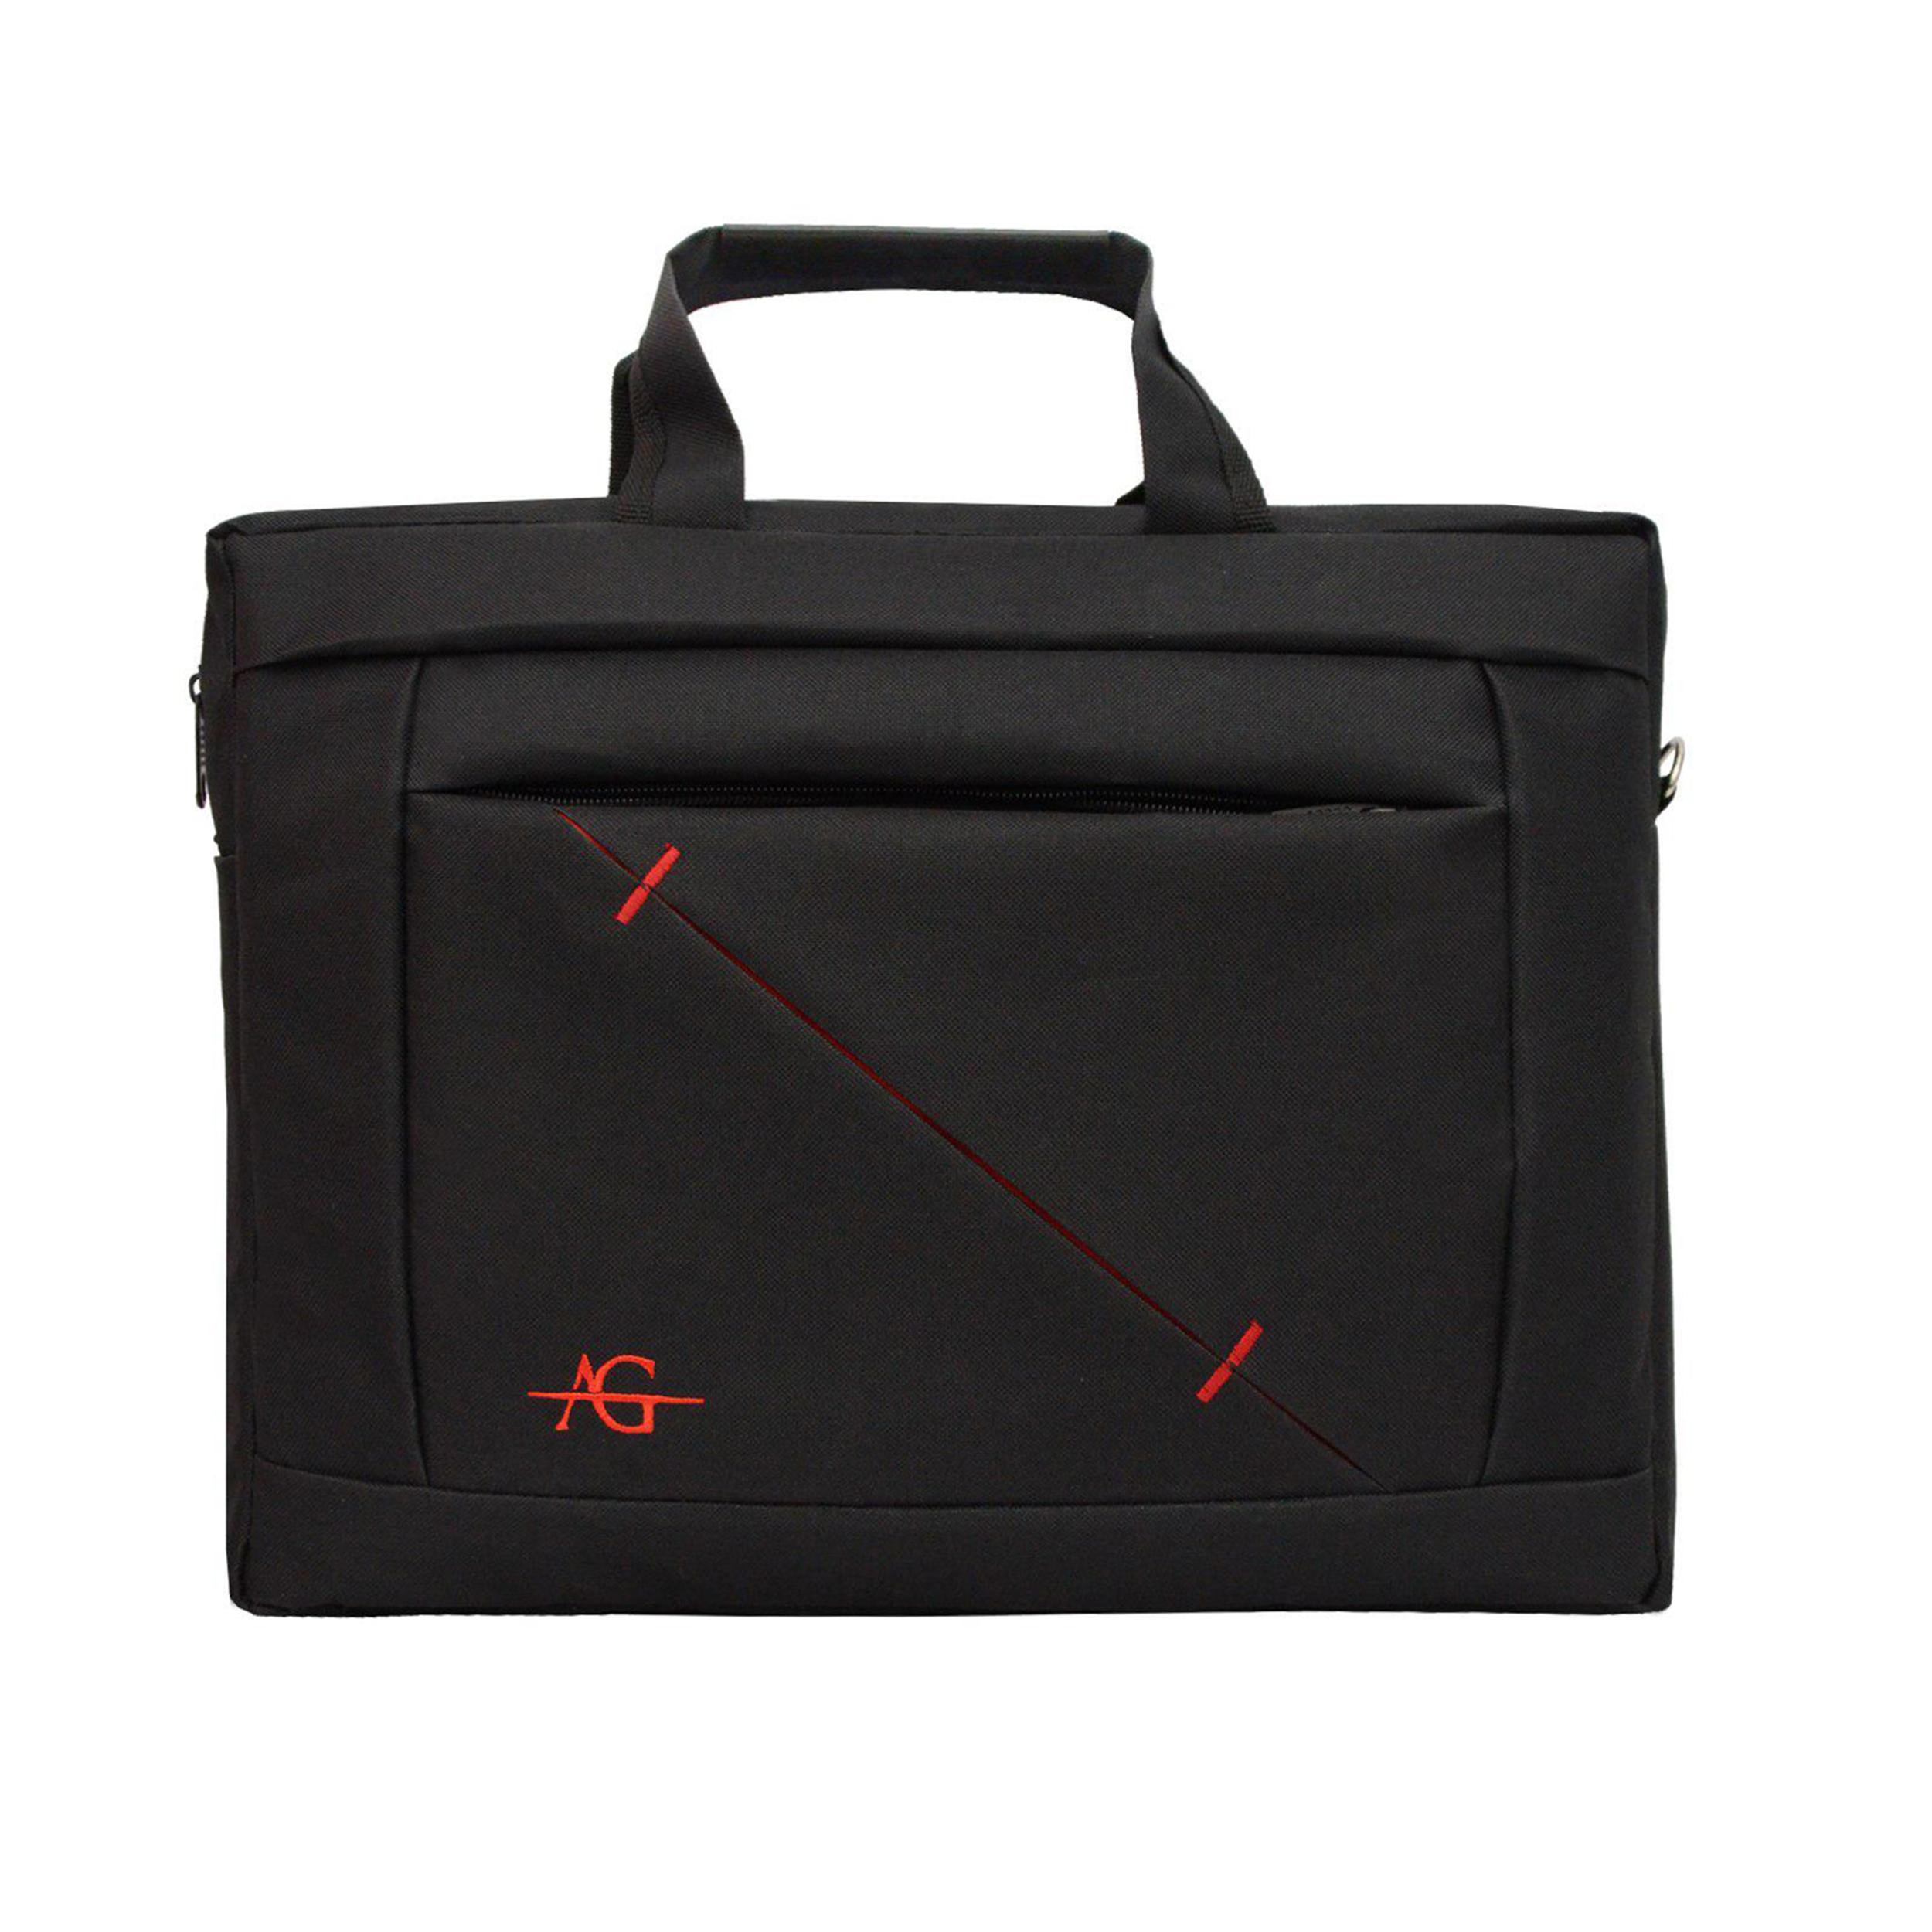 کیف لپ تاپ مدل AG201 مناسب برای لپتاپ های 15.6 اینچی